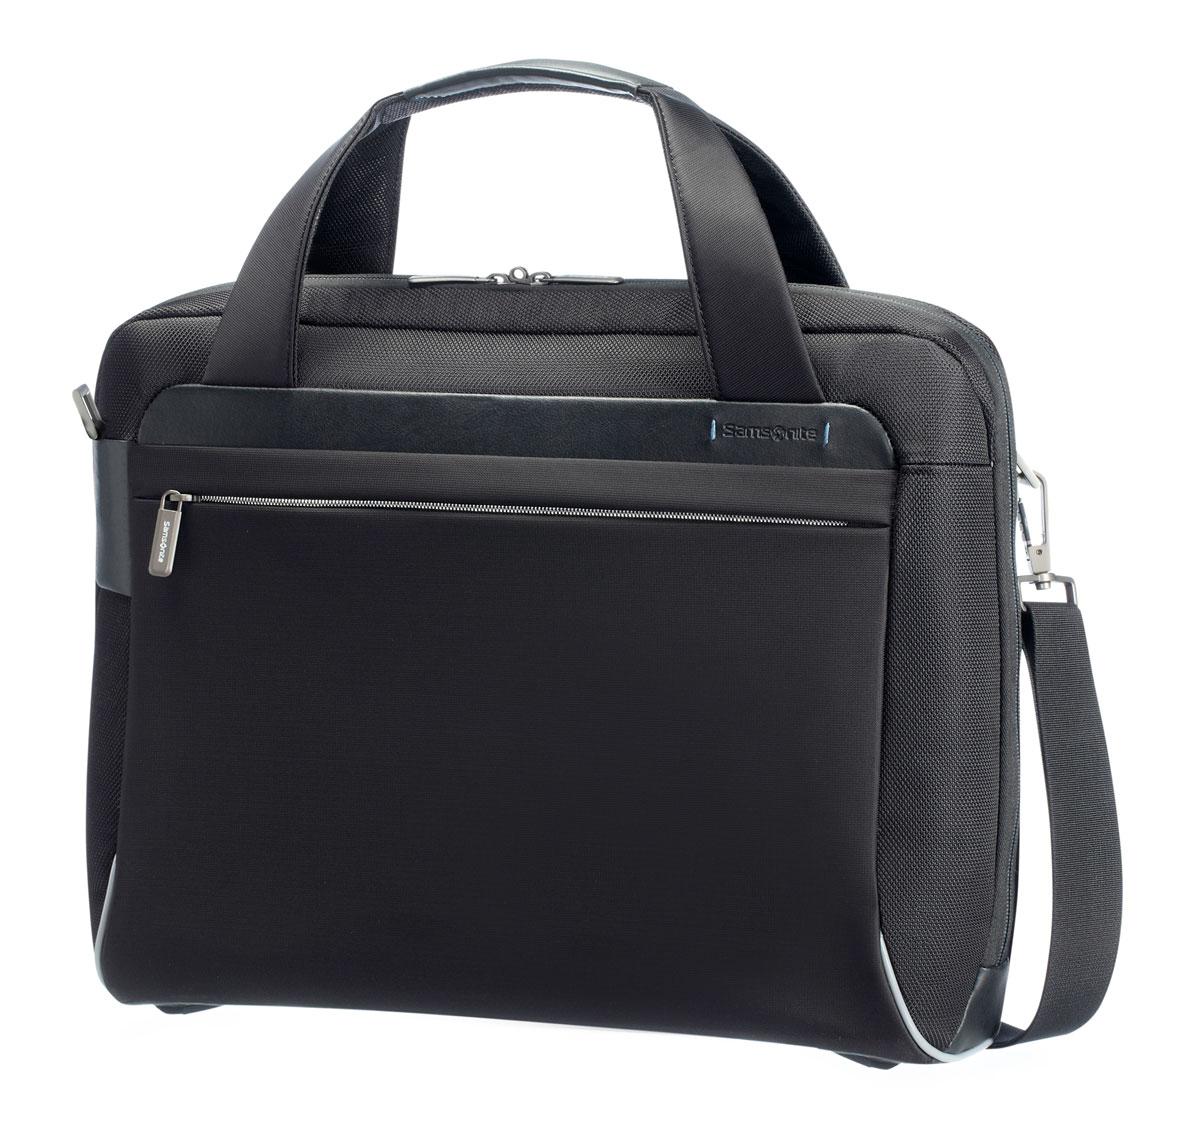 Сумка для ноутбука Samsonite GuardIt, цвет: черный, 42 х 34 х 17 см рюкзак для ноутбука samsonite guardit цвет серый 32 х 22 х 48 см